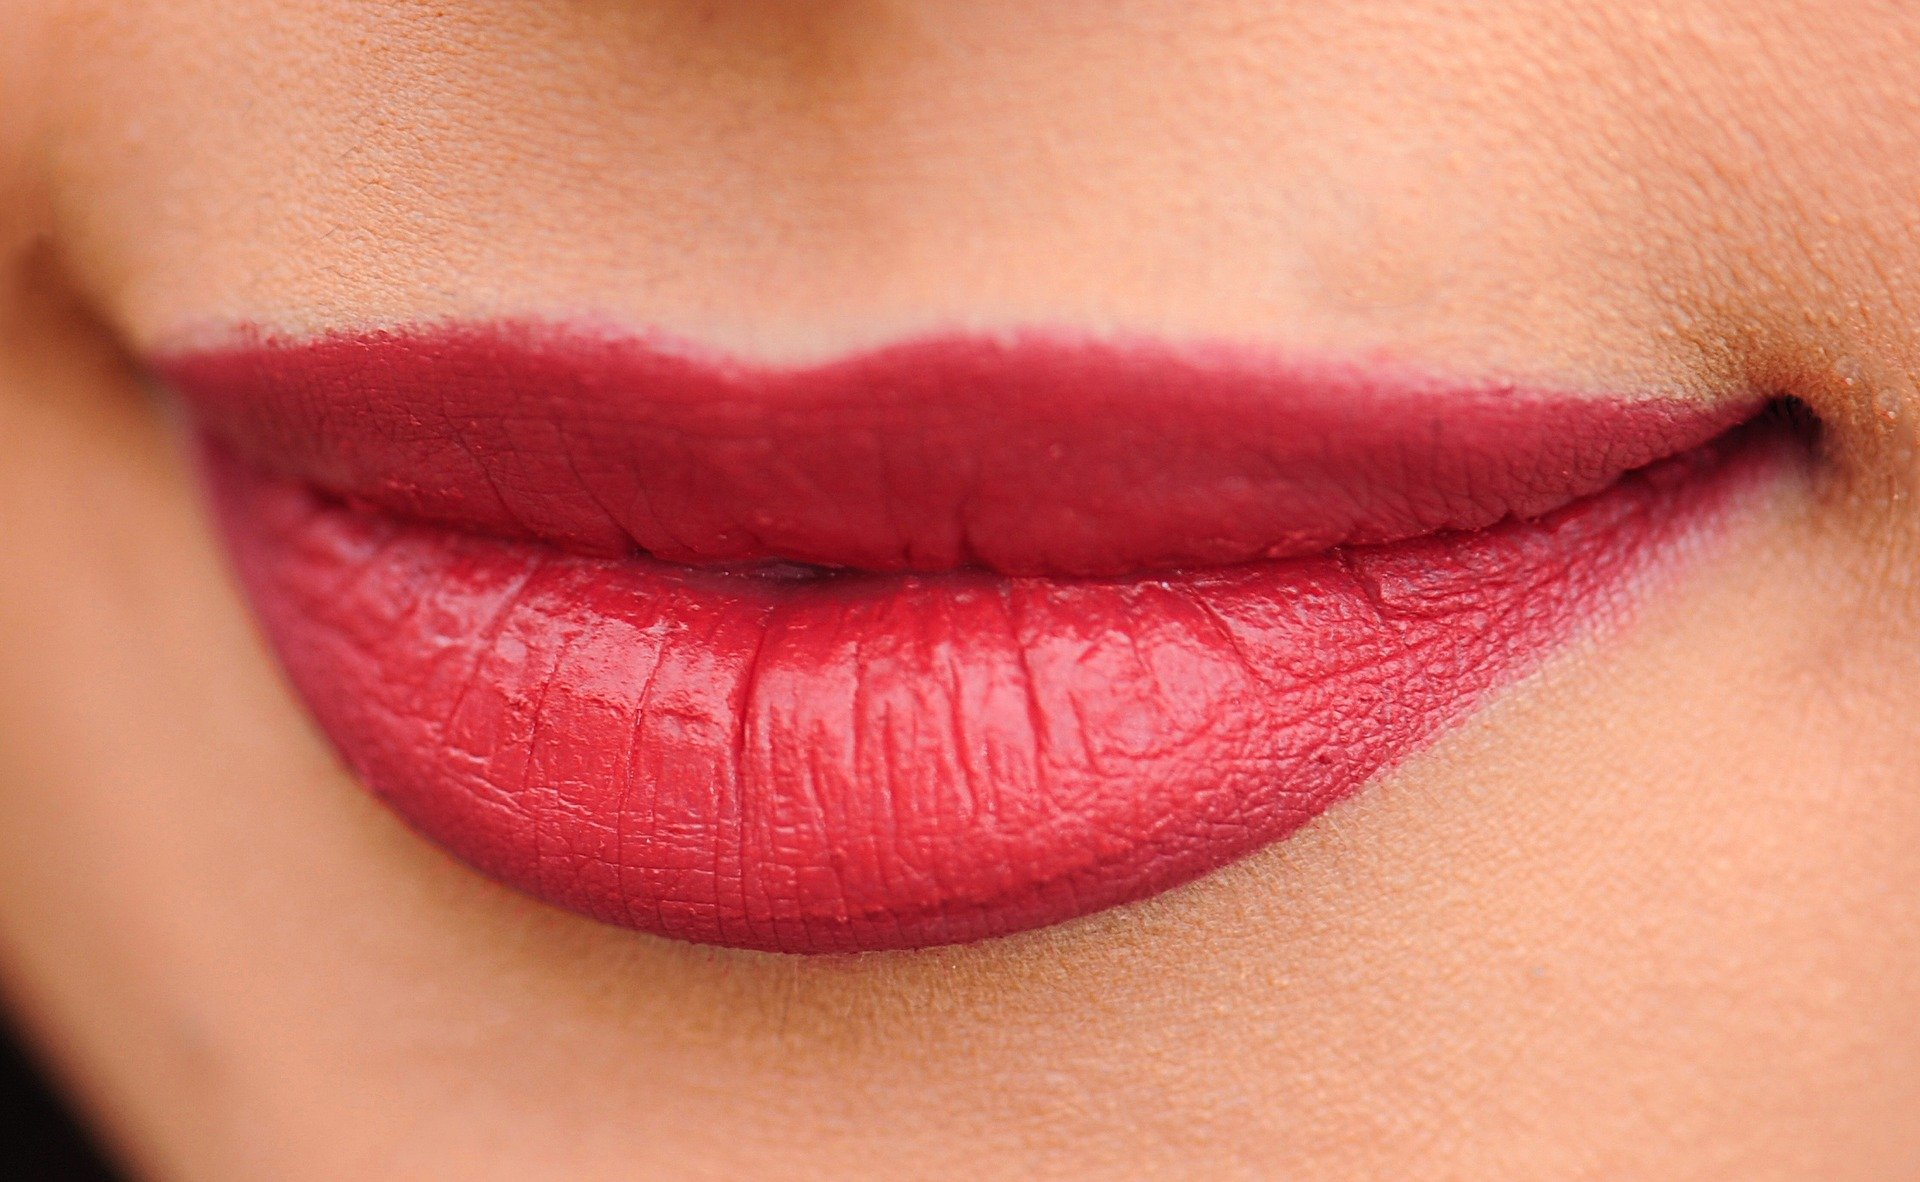 lips-1690875_1920